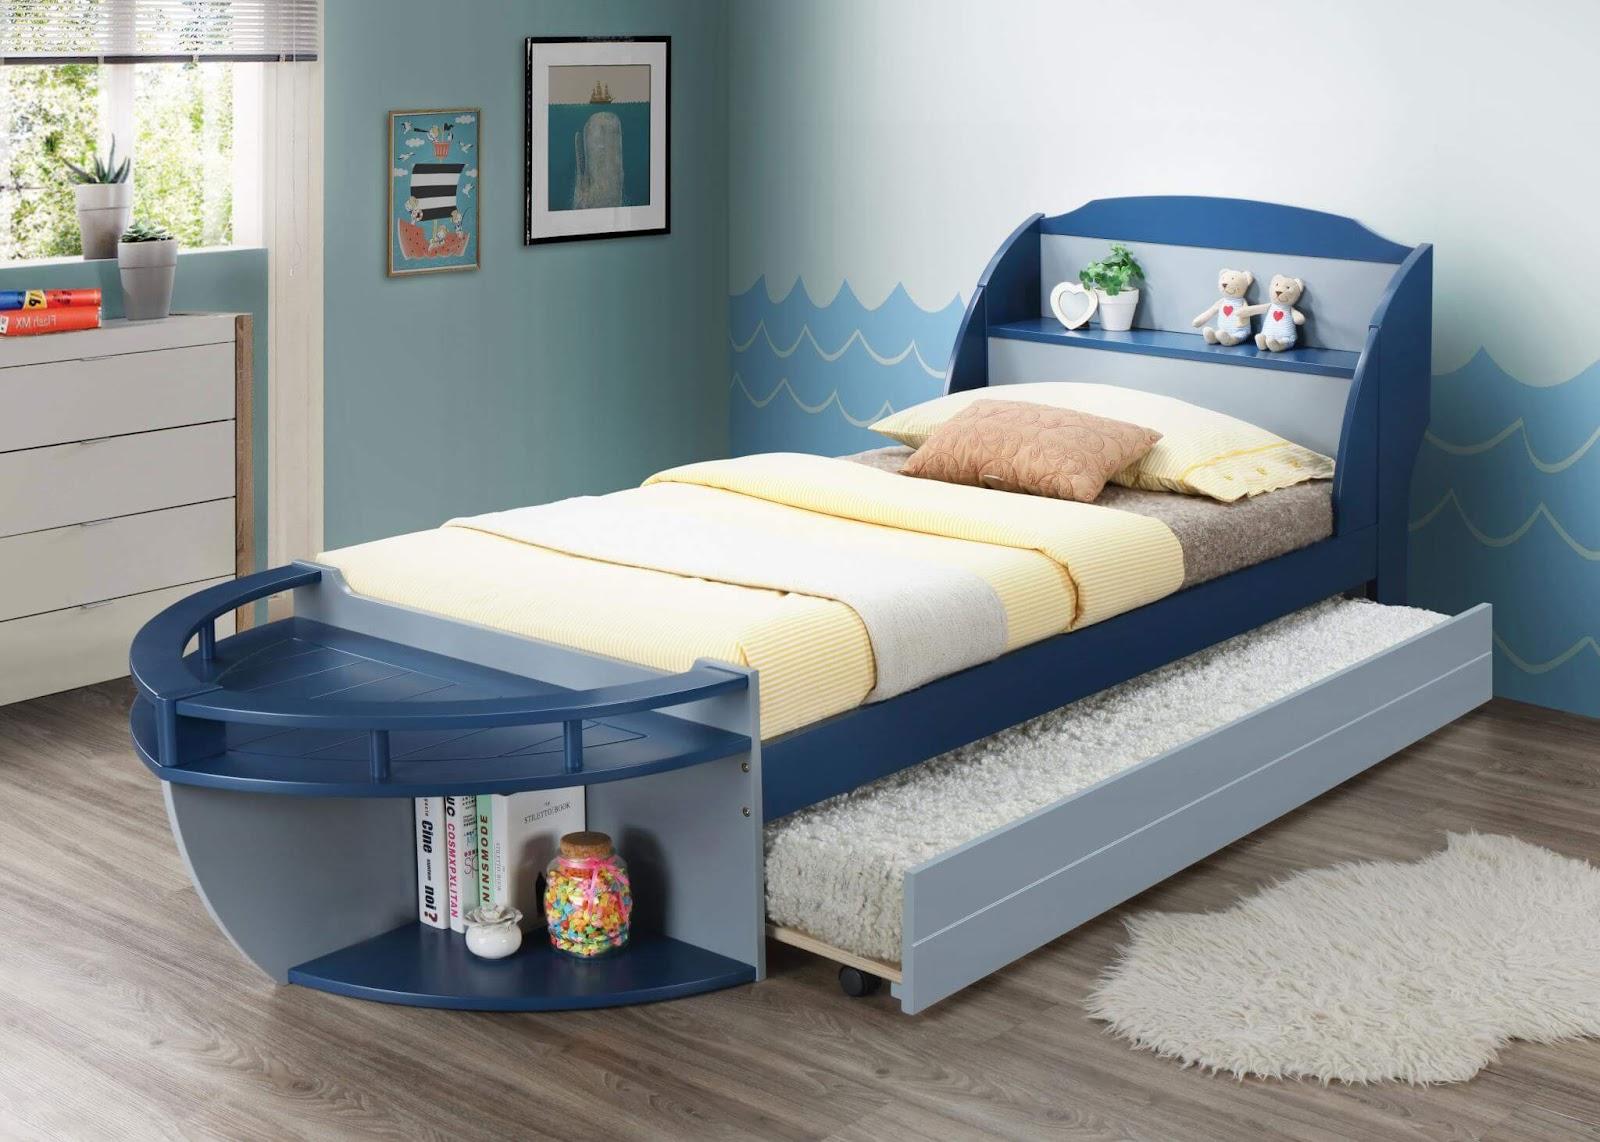 Mách bố mẹ 10 mẫu giường cho bé trai 5 tuổi ấn tượng nhất